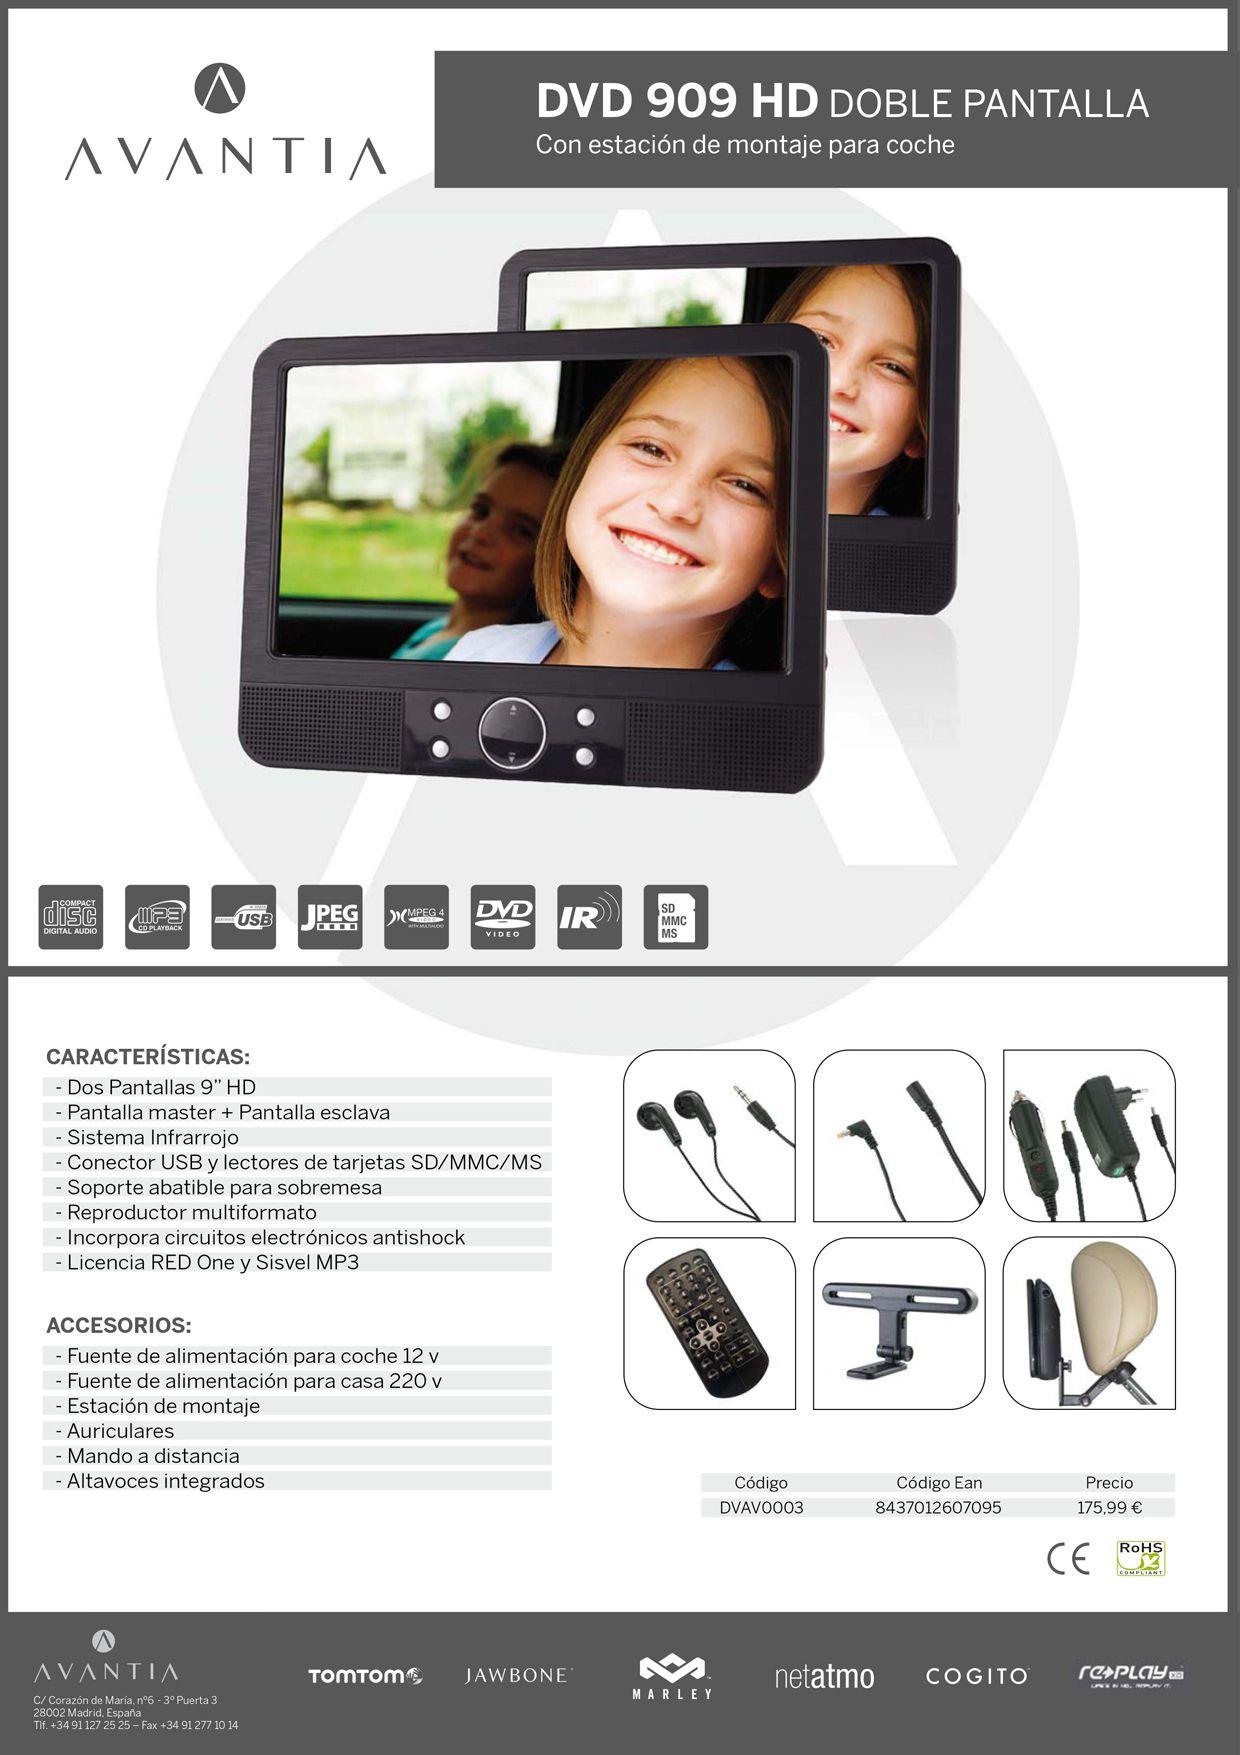 DVD PORTÁTIL DOBLE PANTALLA POR SOLO 175.99€